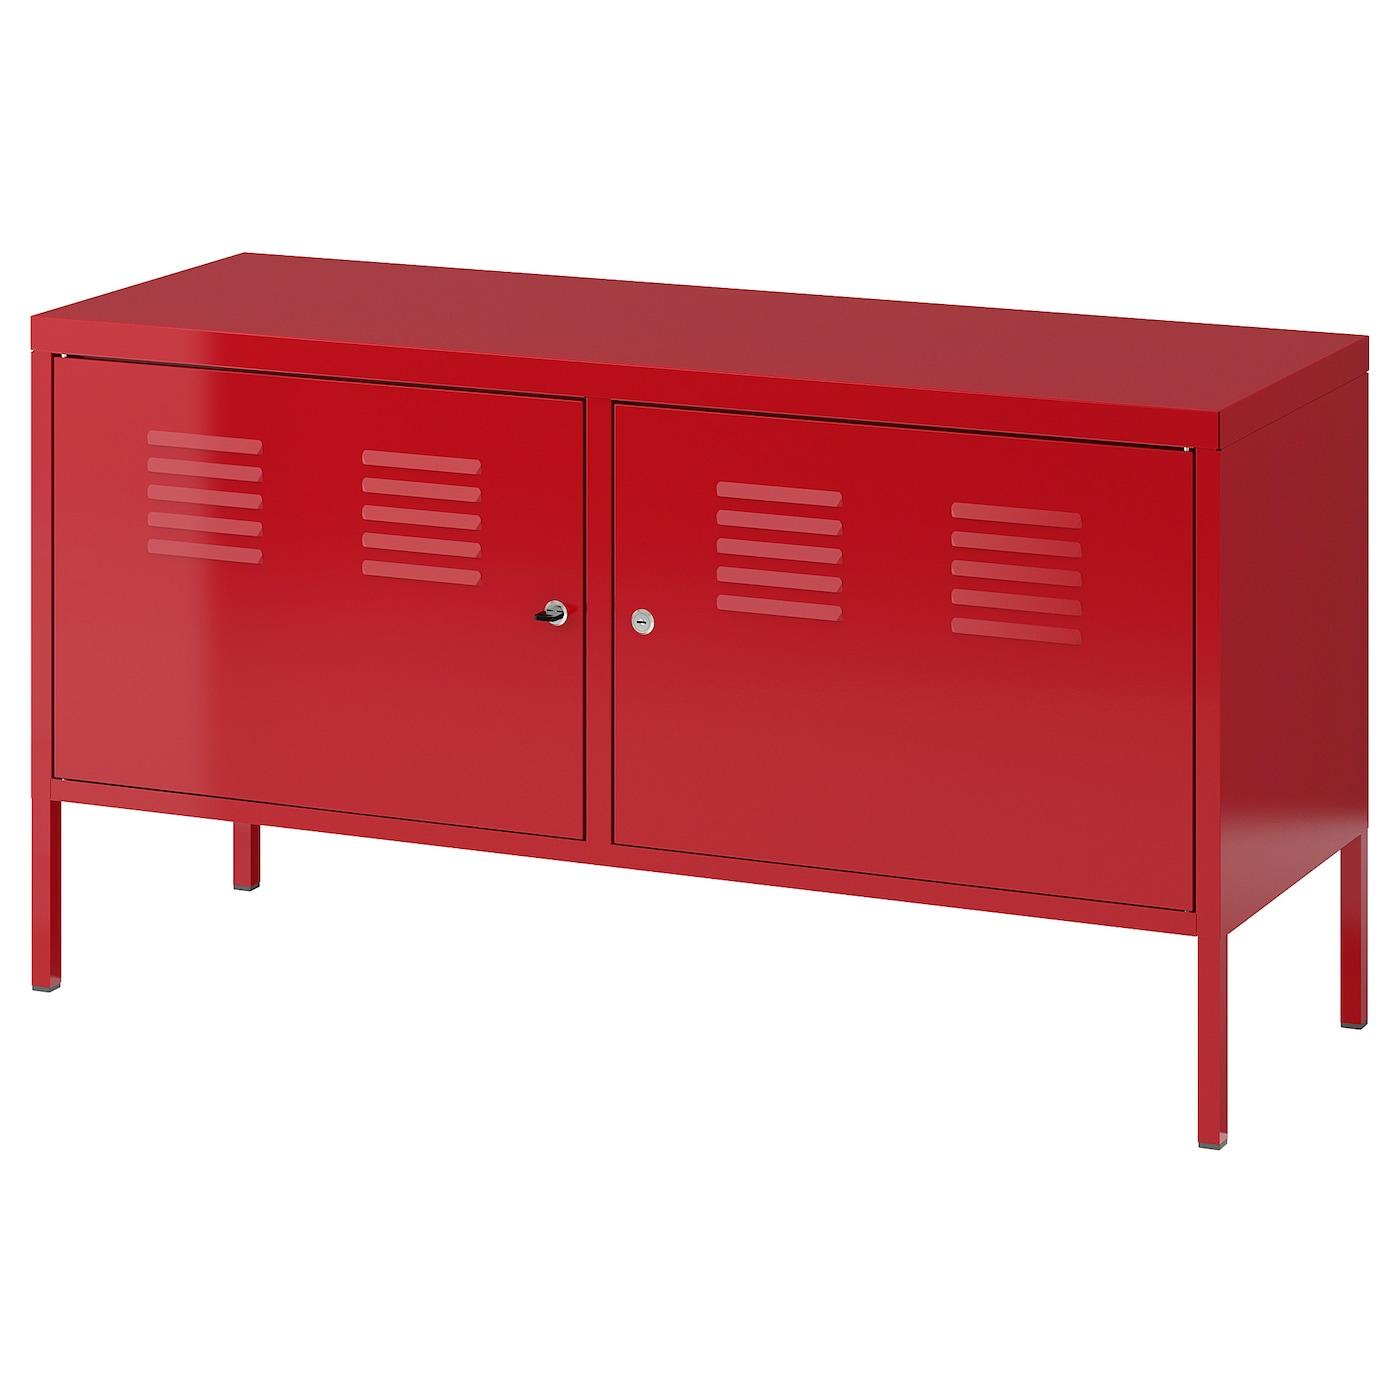 Meuble Laqué Rouge Ikea ikea ps armoire métallique - rouge 119x63 cm